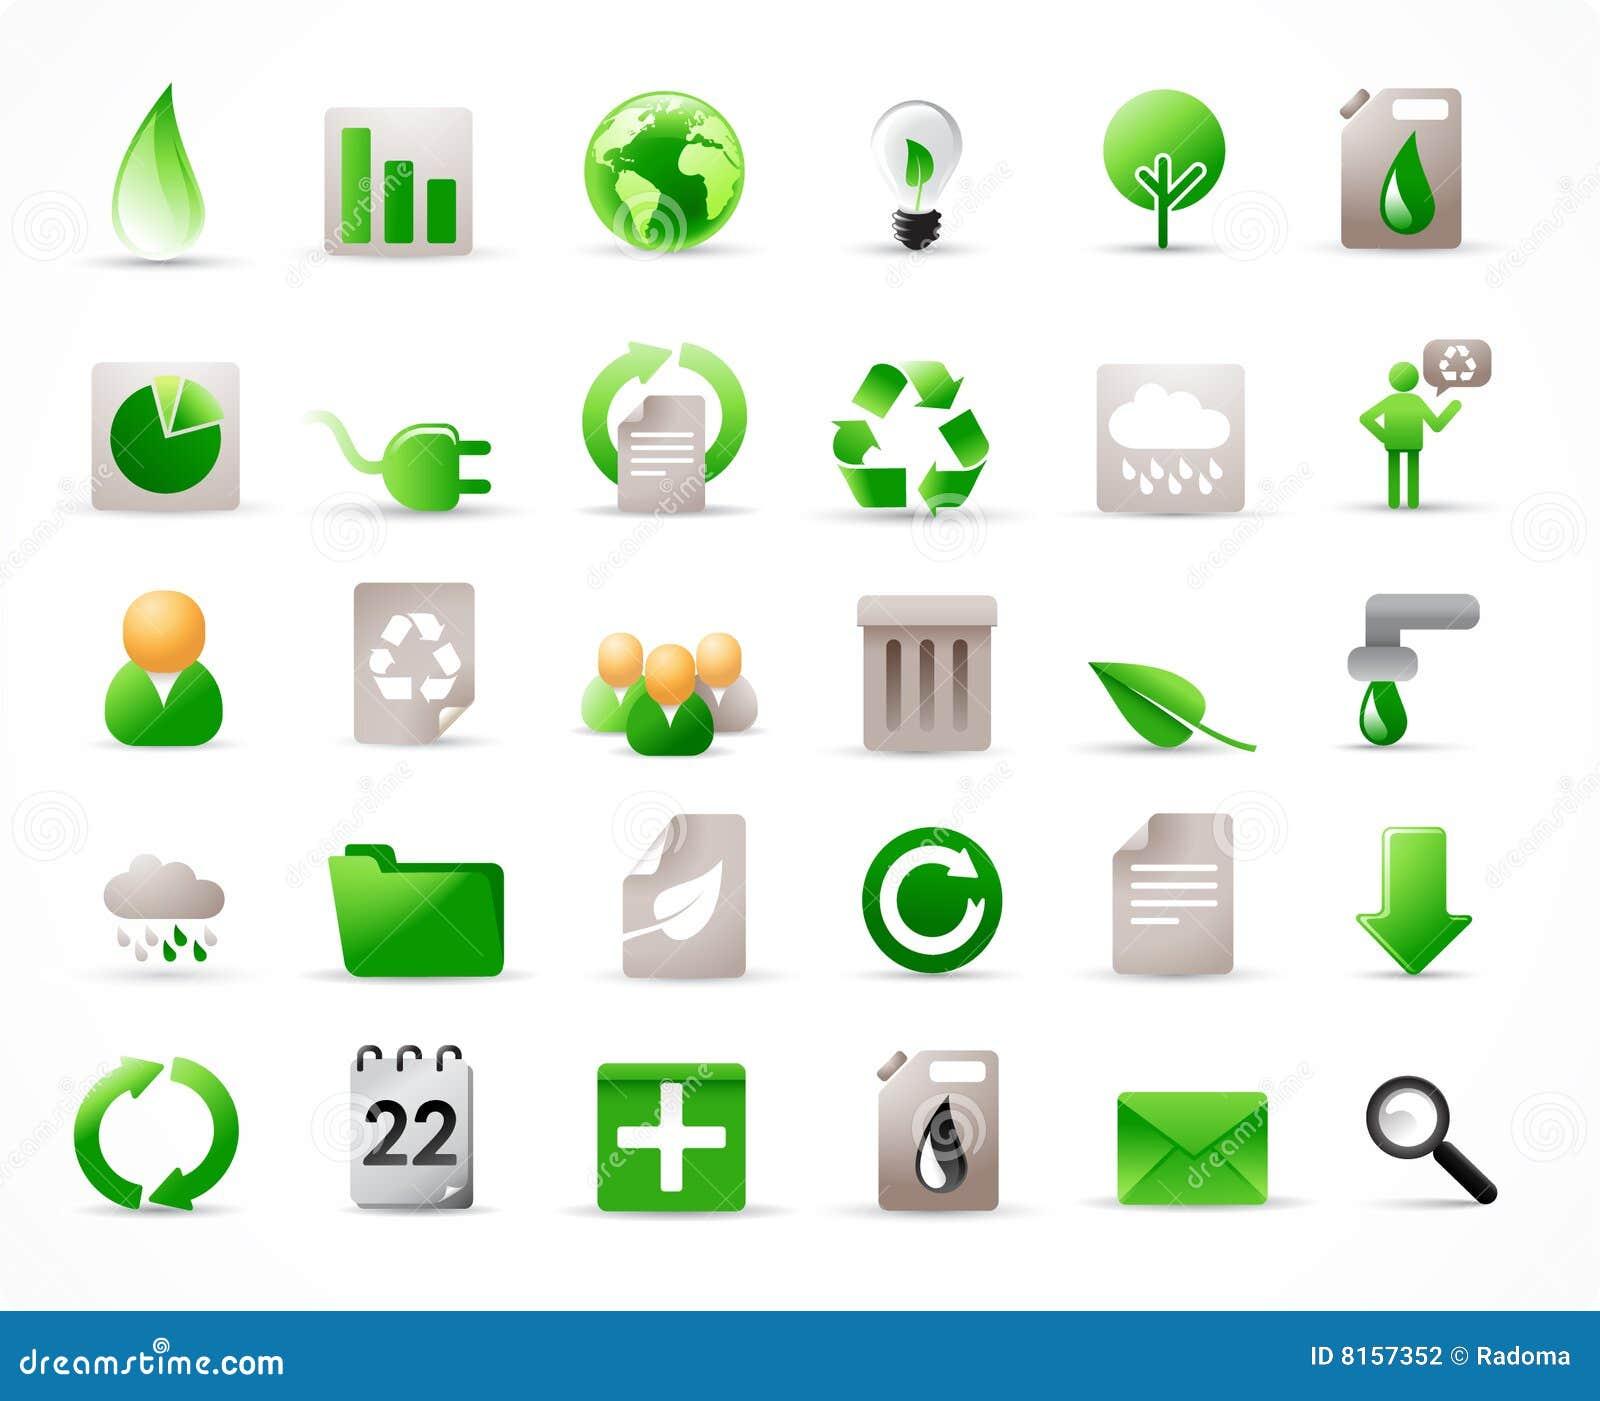 36 ecology icons set